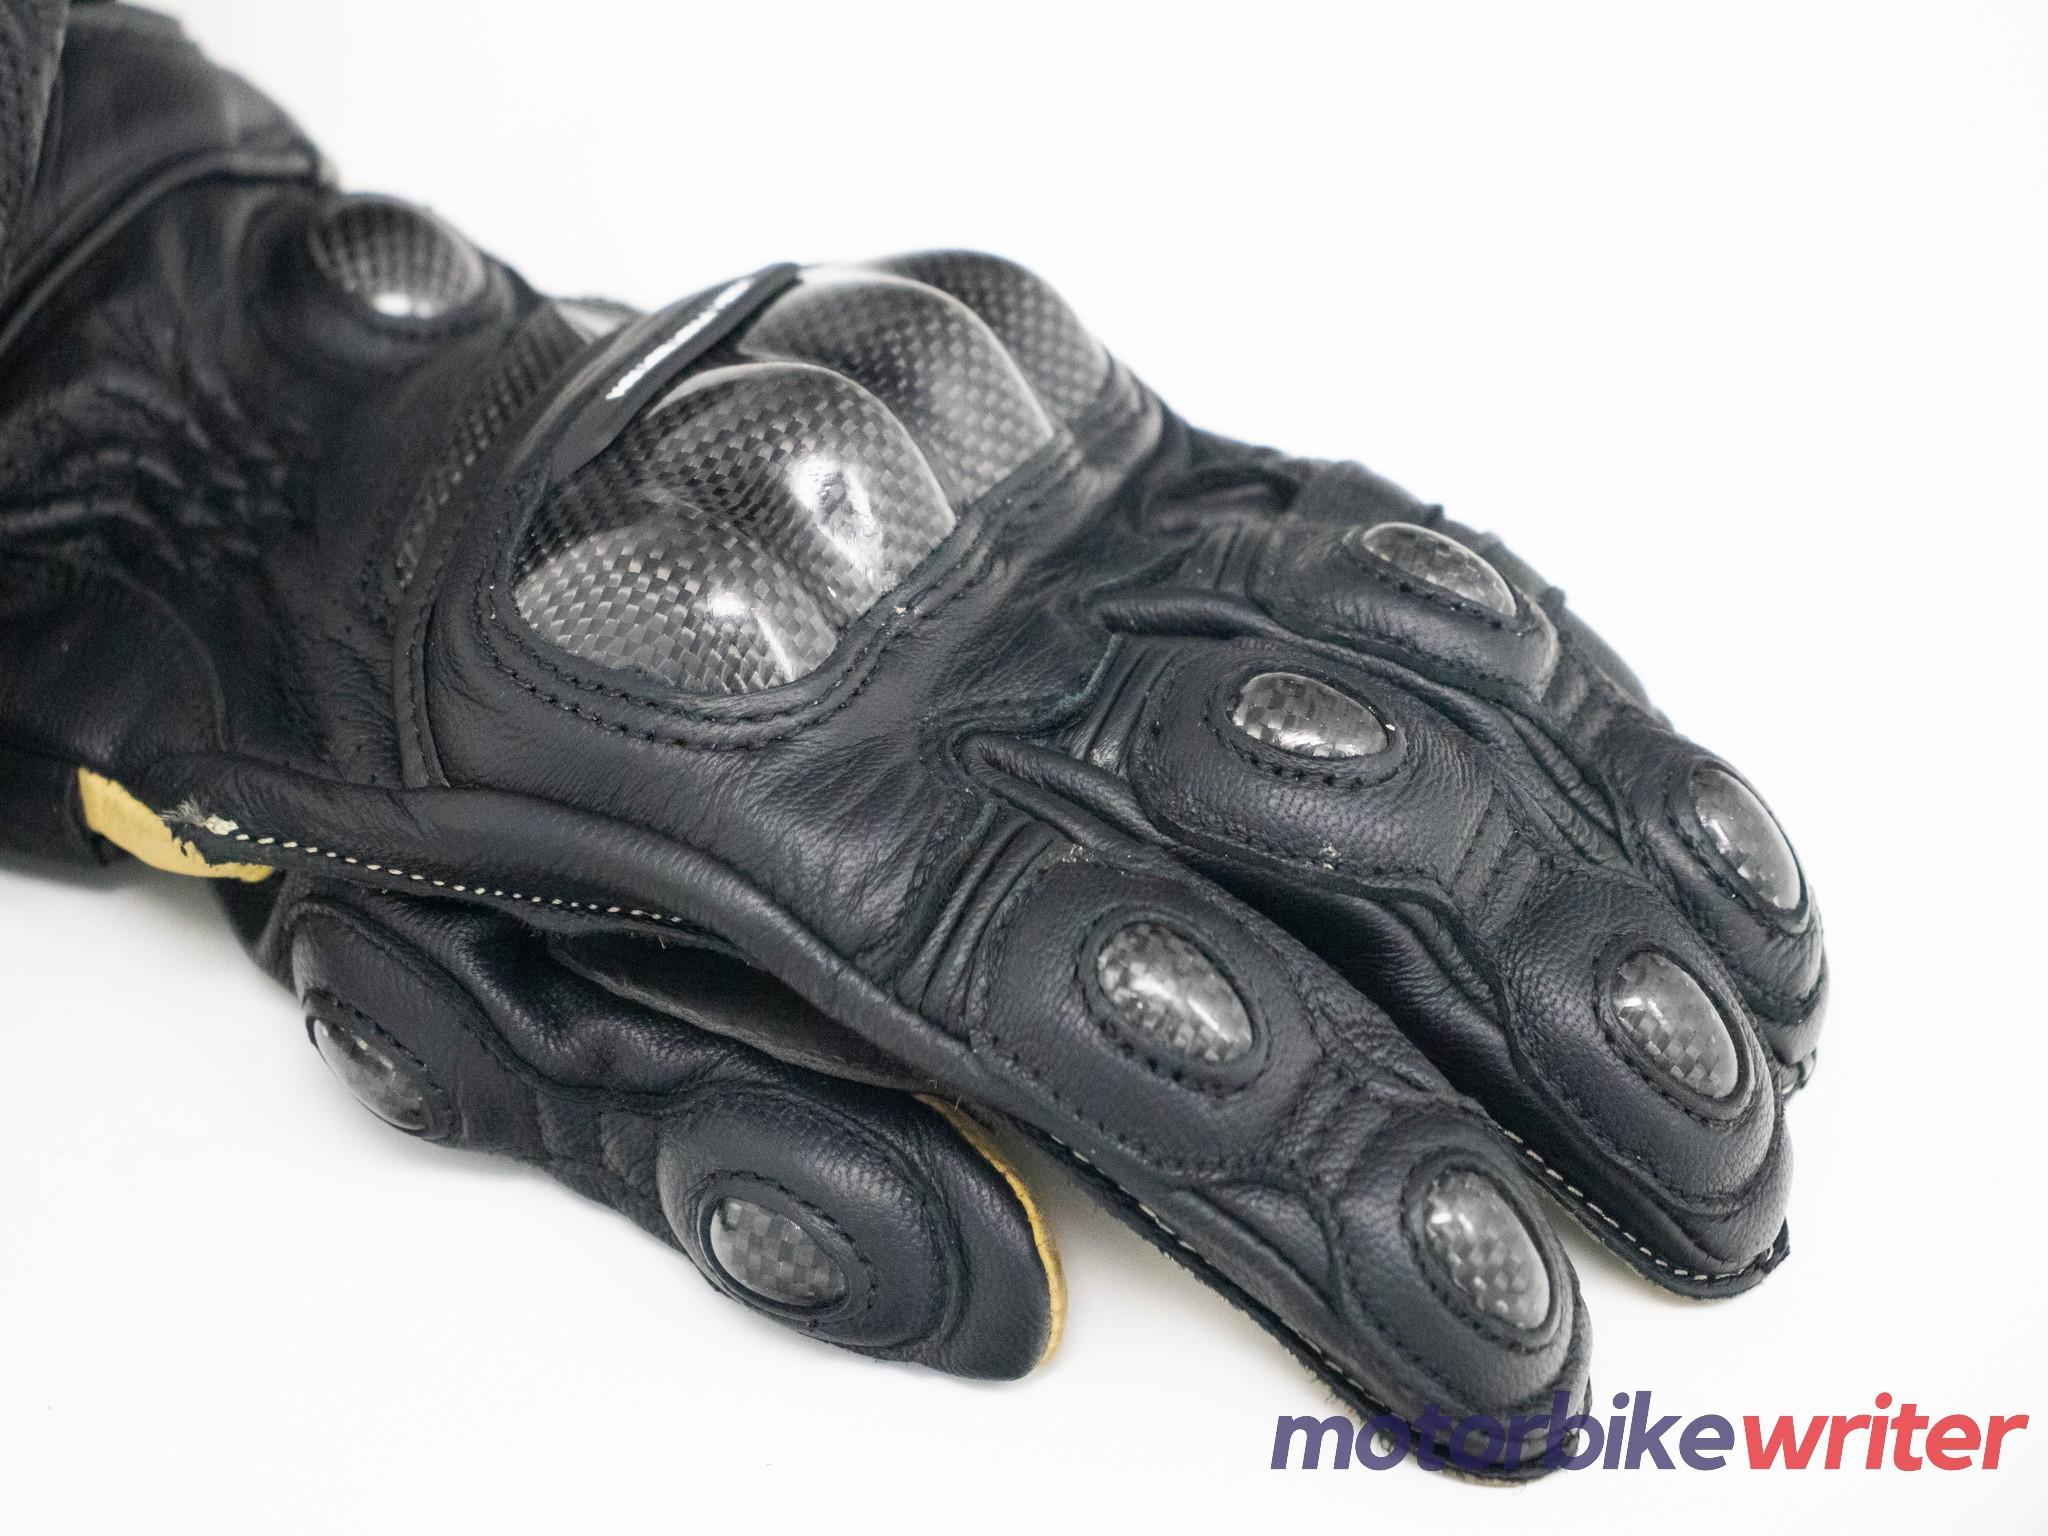 Carbon fiber knuckle protectors on High Racer gloves